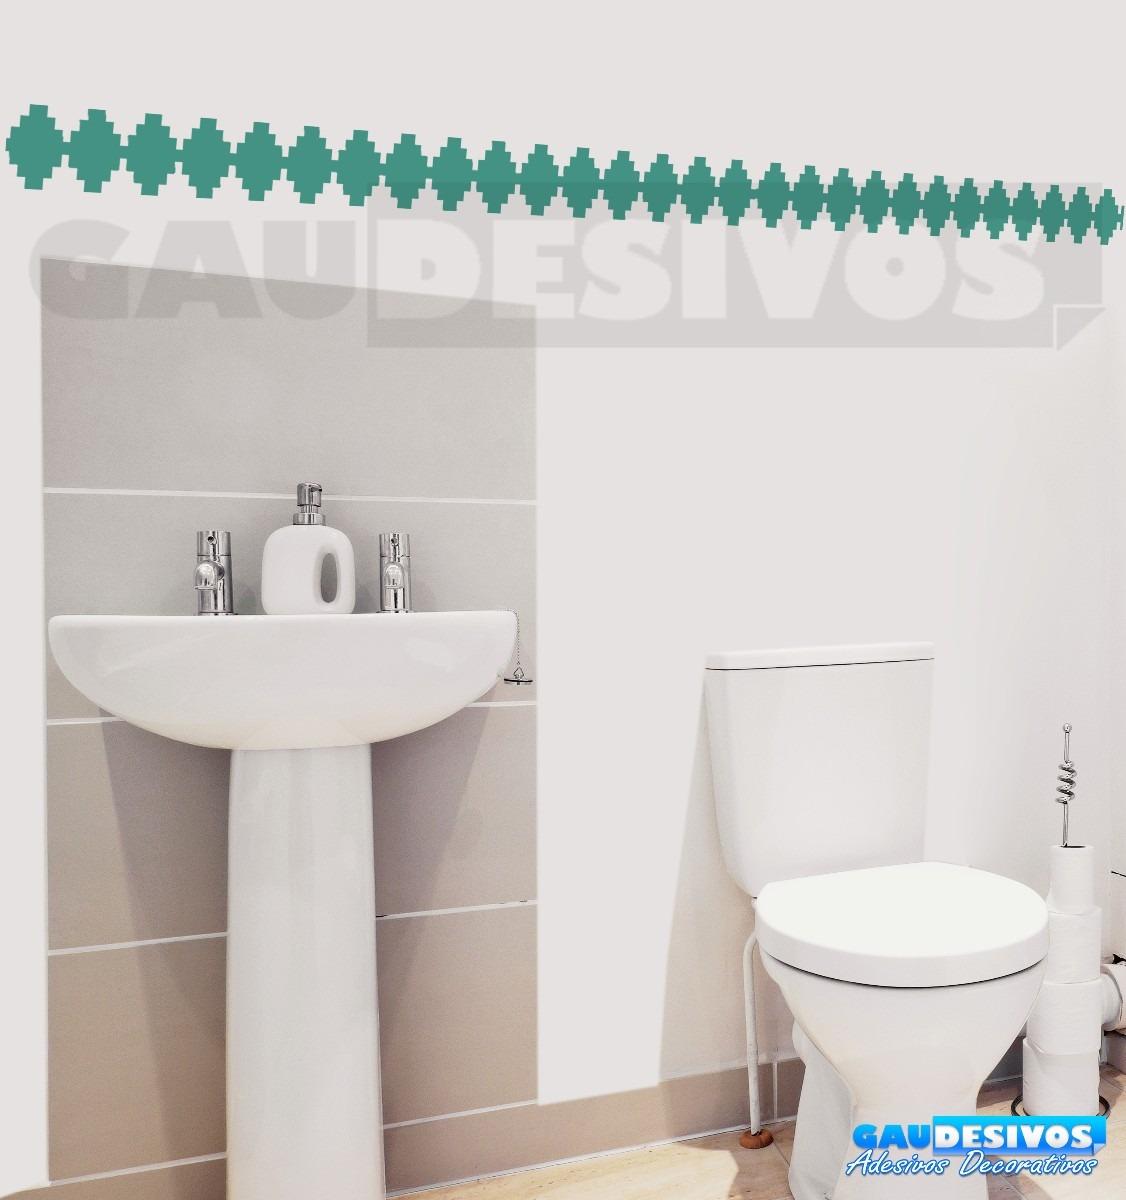 Imagens de #0D6DBE adesivo decorativo cozinha faixa adesivo decorativo cozinha faixa 1126x1200 px 2776 Box Banheiro Nh